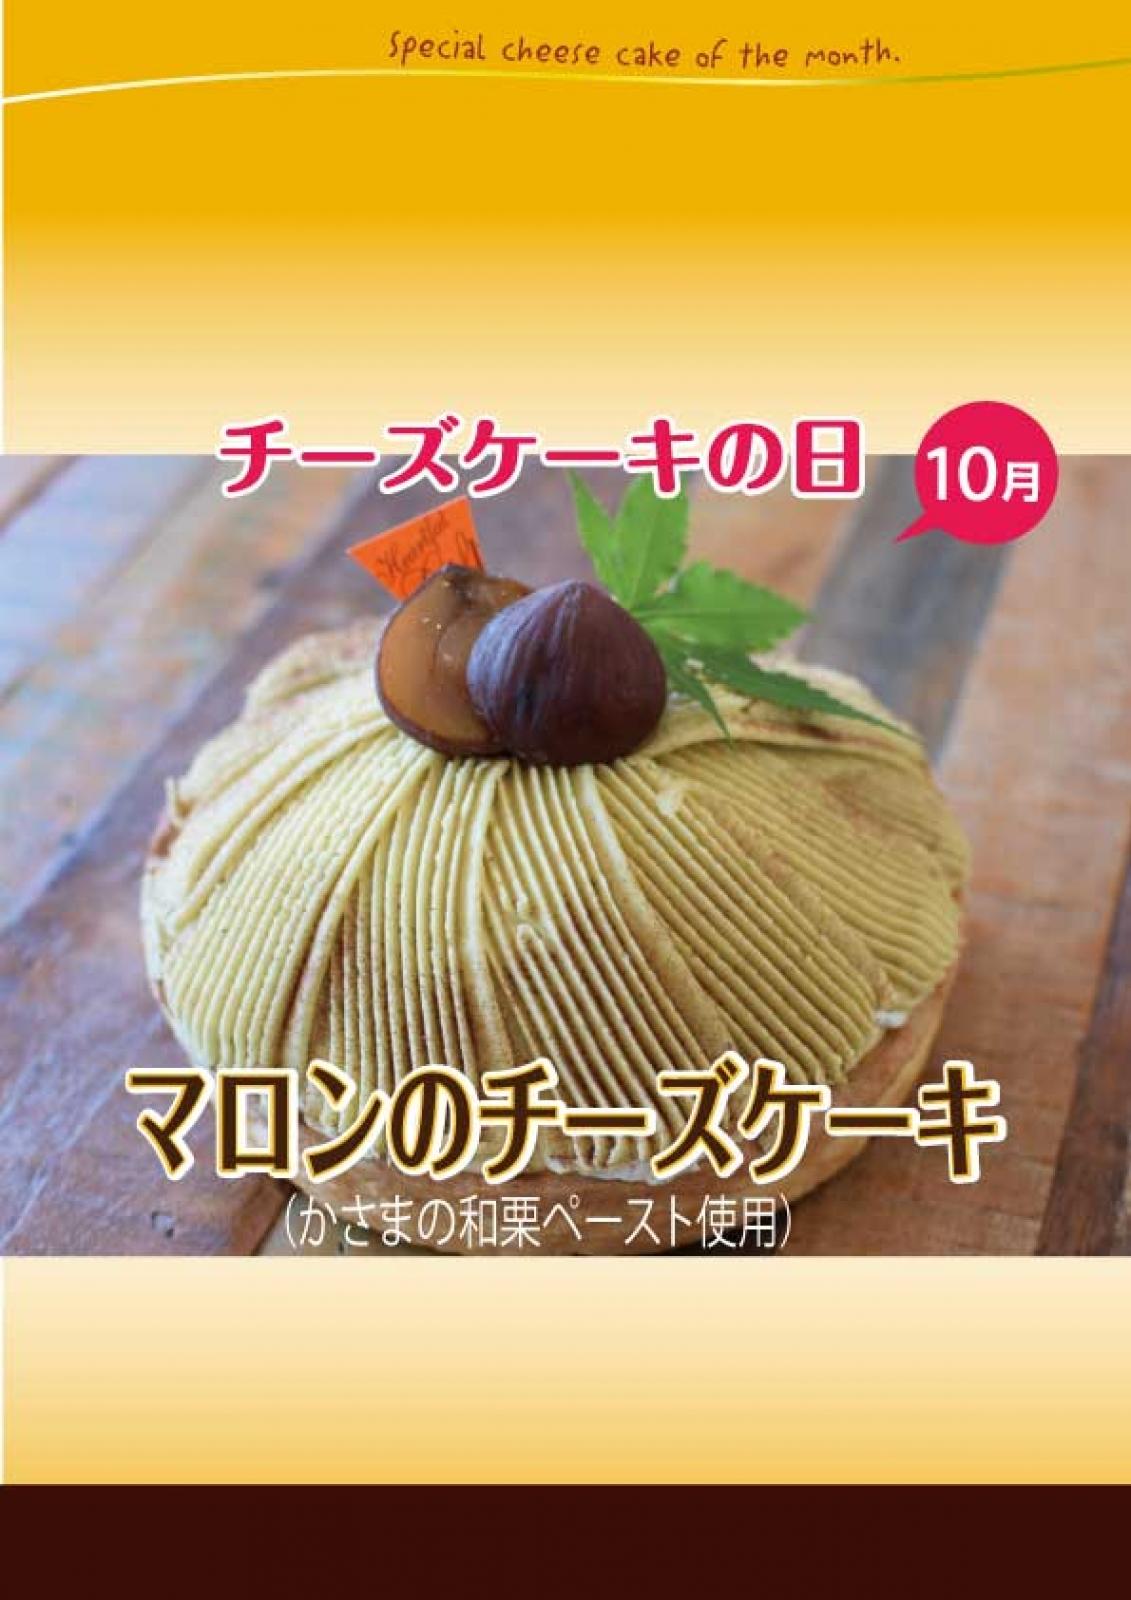 【本店・300台限定】10月のチーズケーキの日